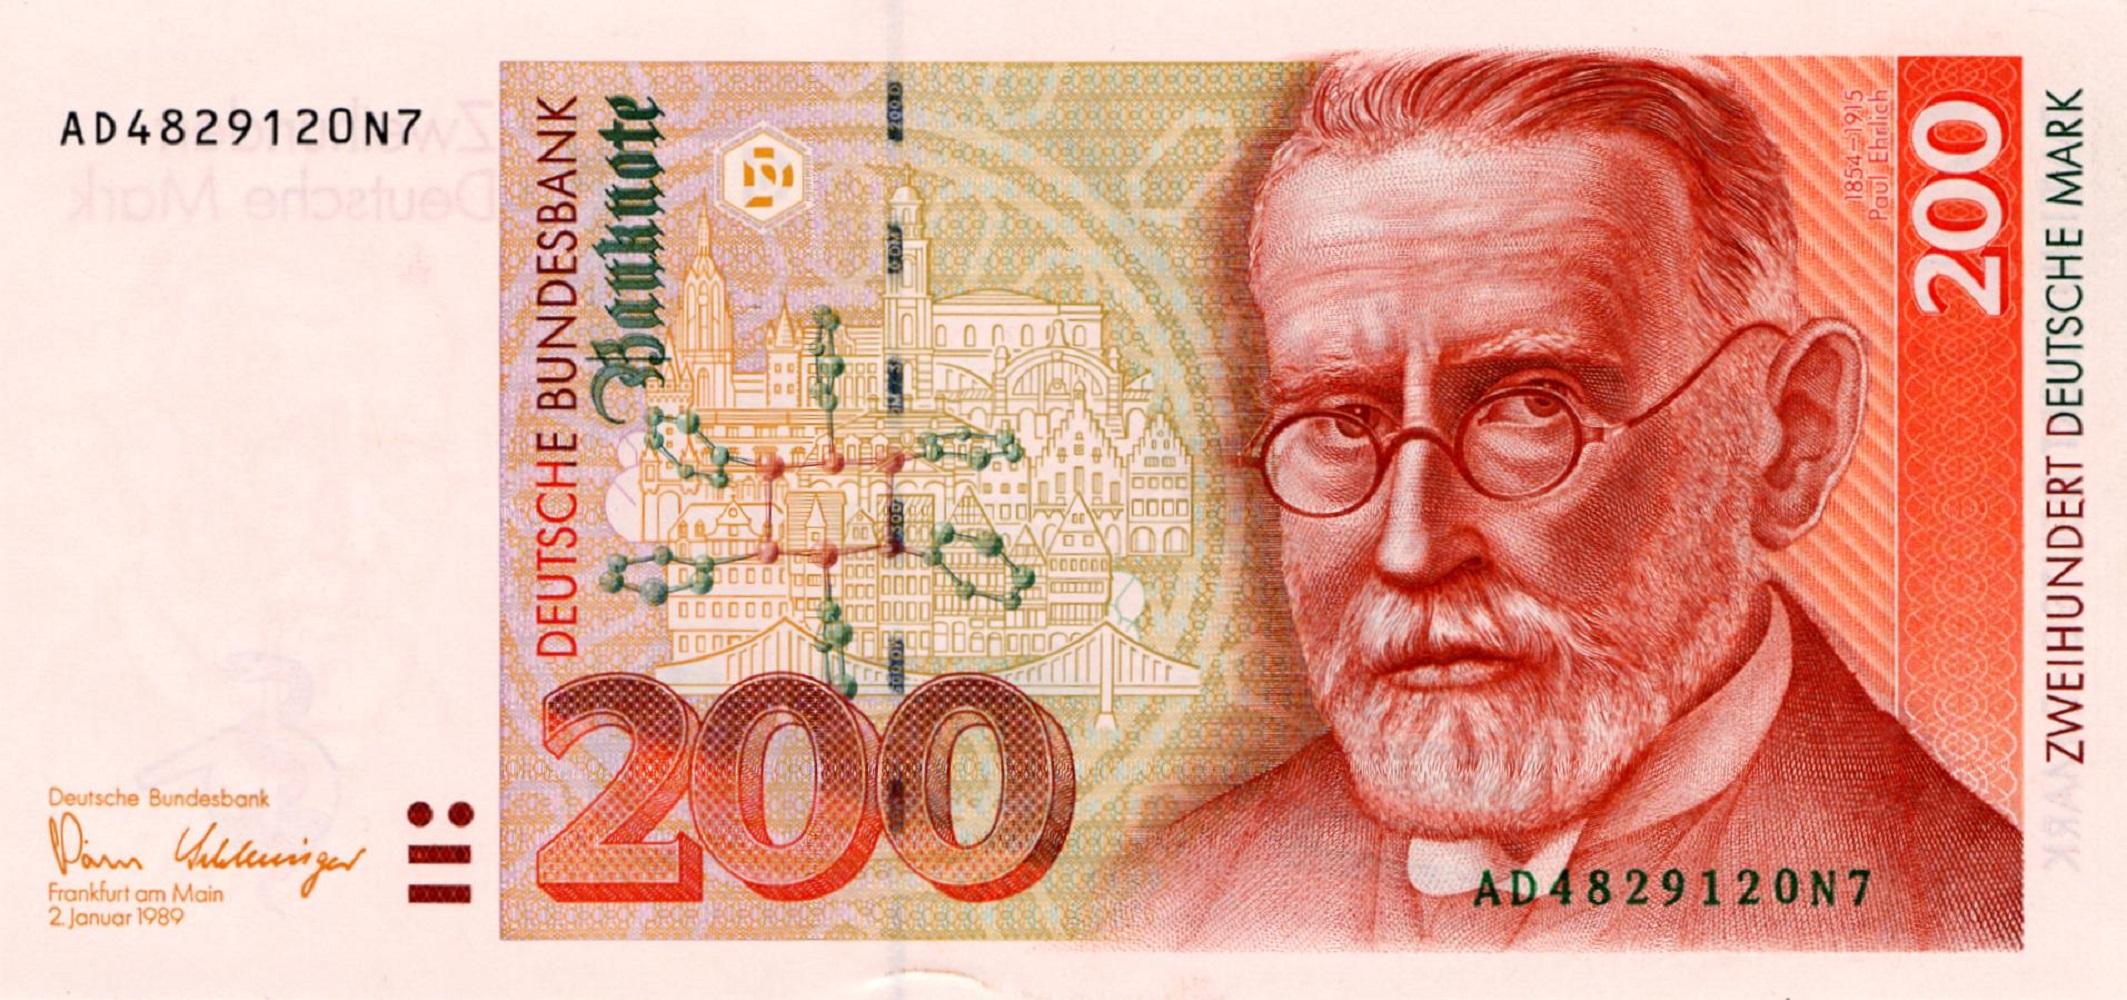 Deutsche Mark Wallpaper and Background Image 2127x1000 ID 2127x1000